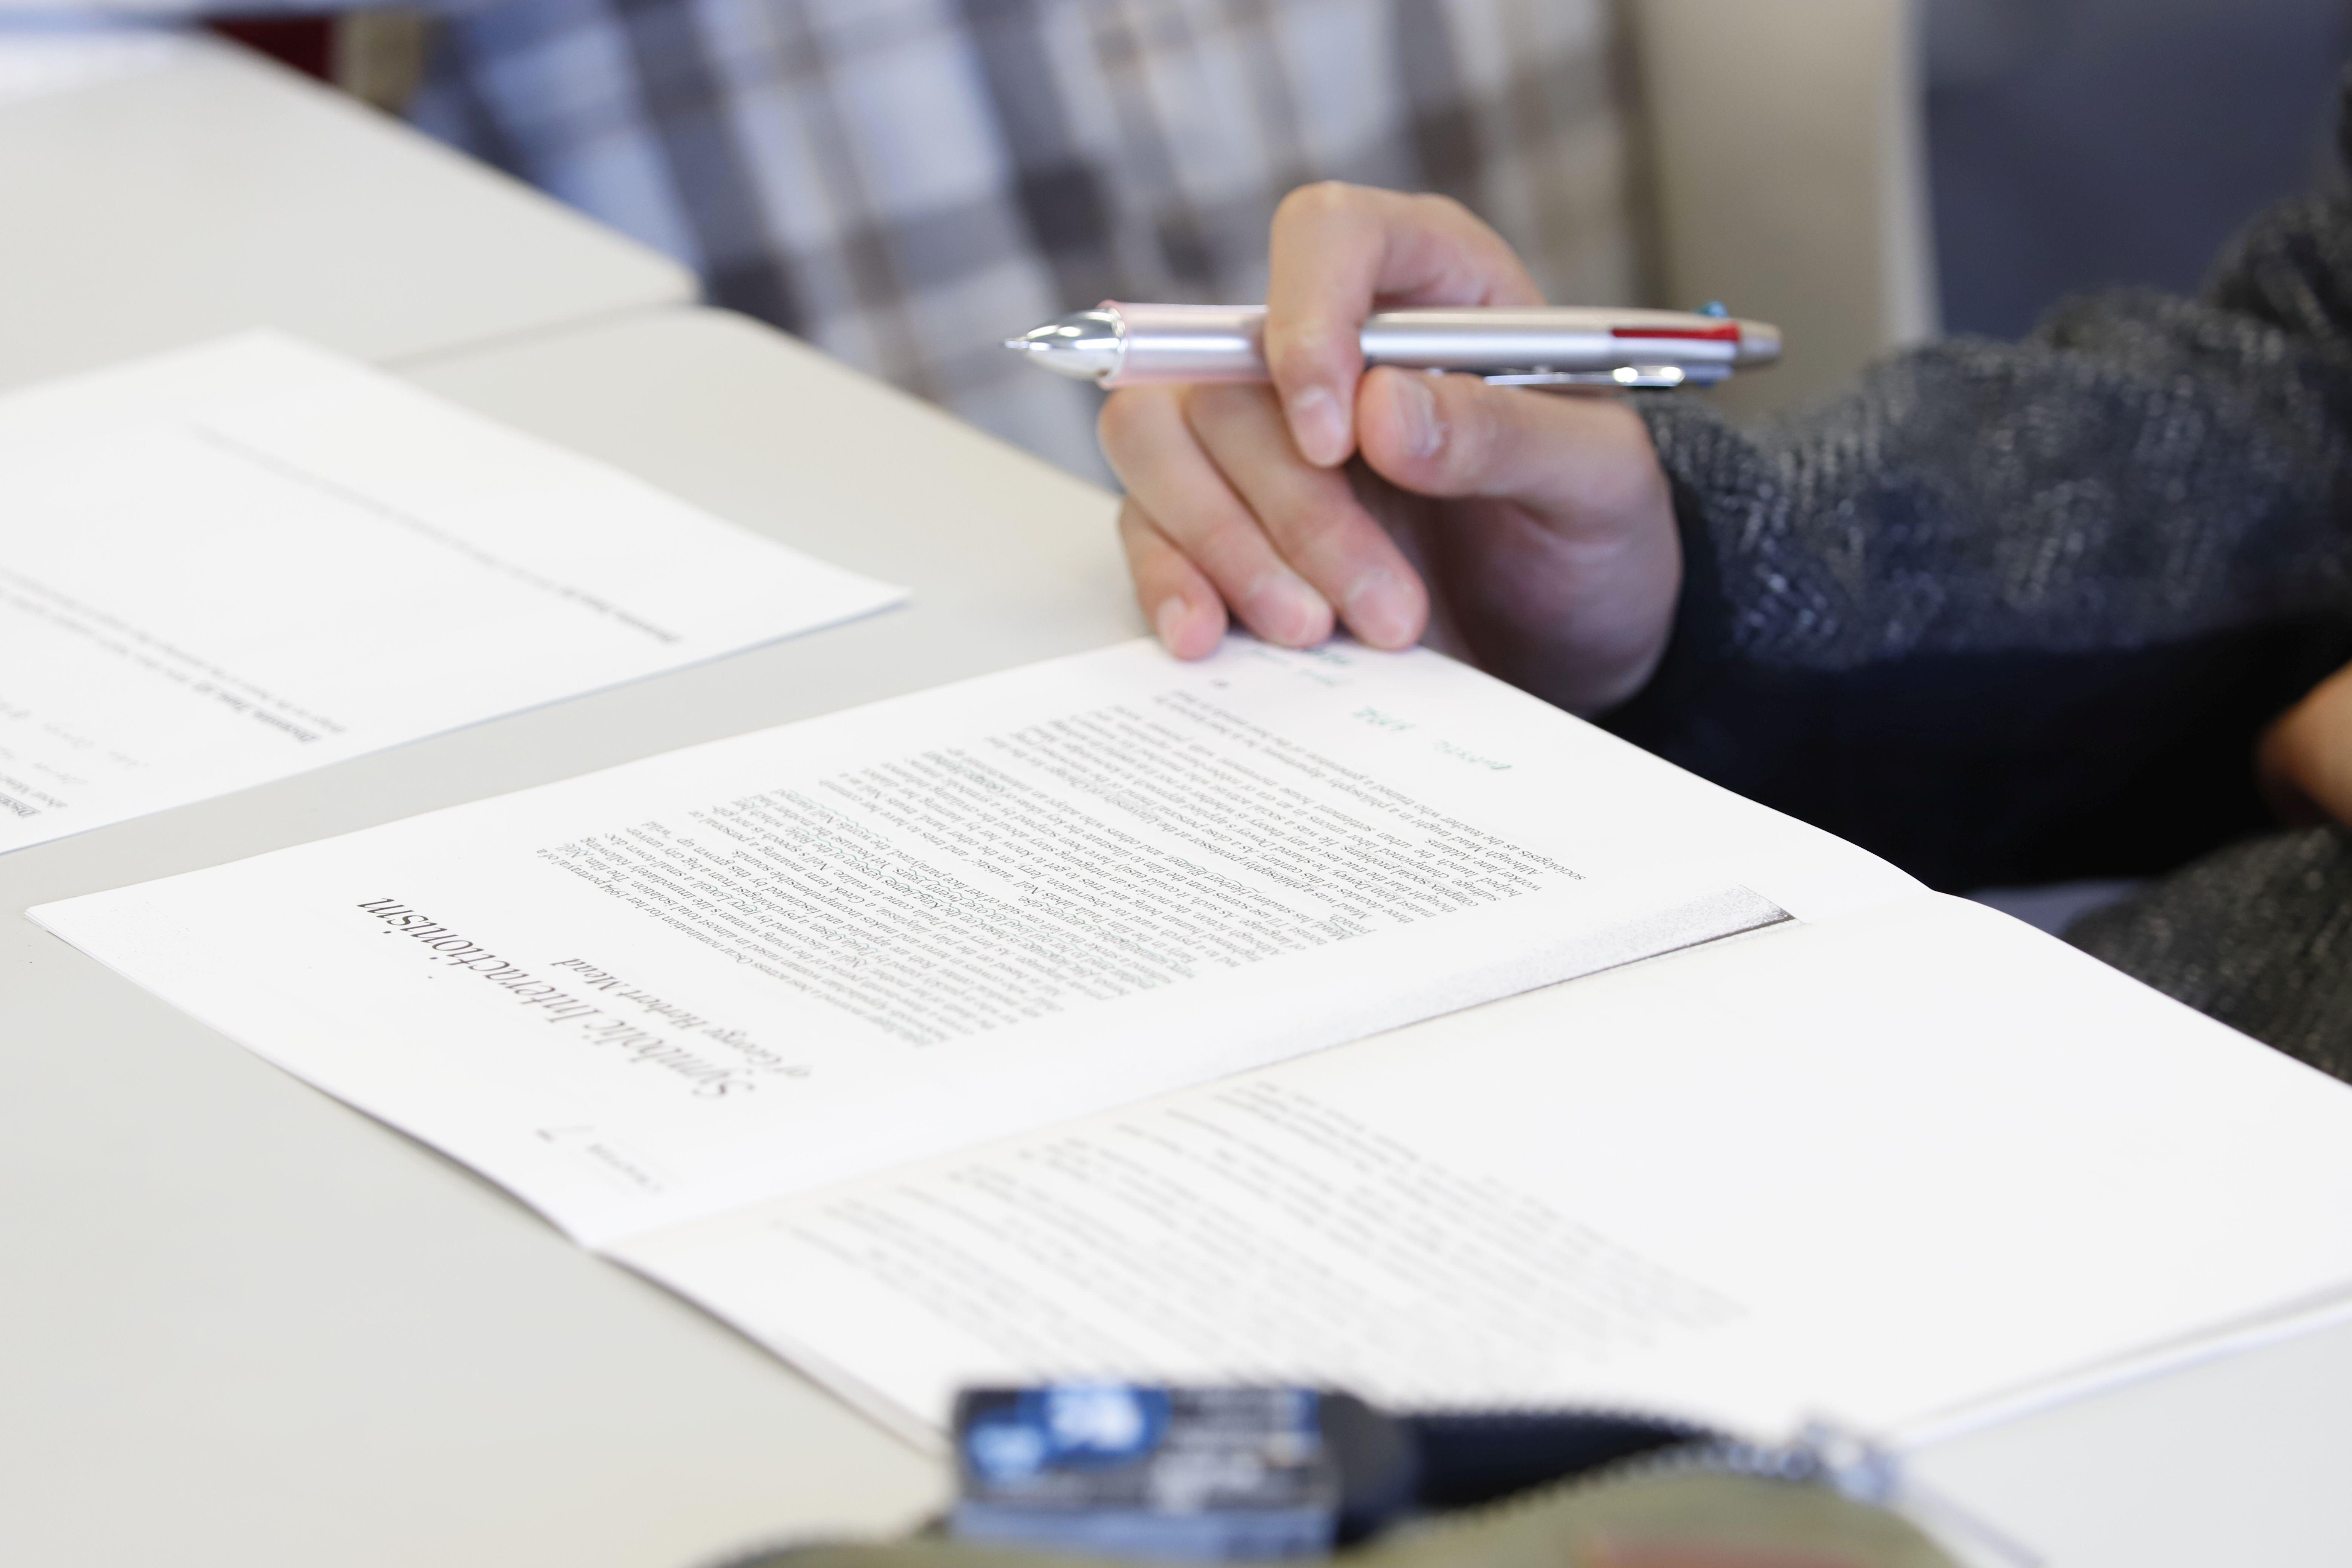 【重要】新型コロナウイルス感染症対策に伴う本学入学試験への対応について